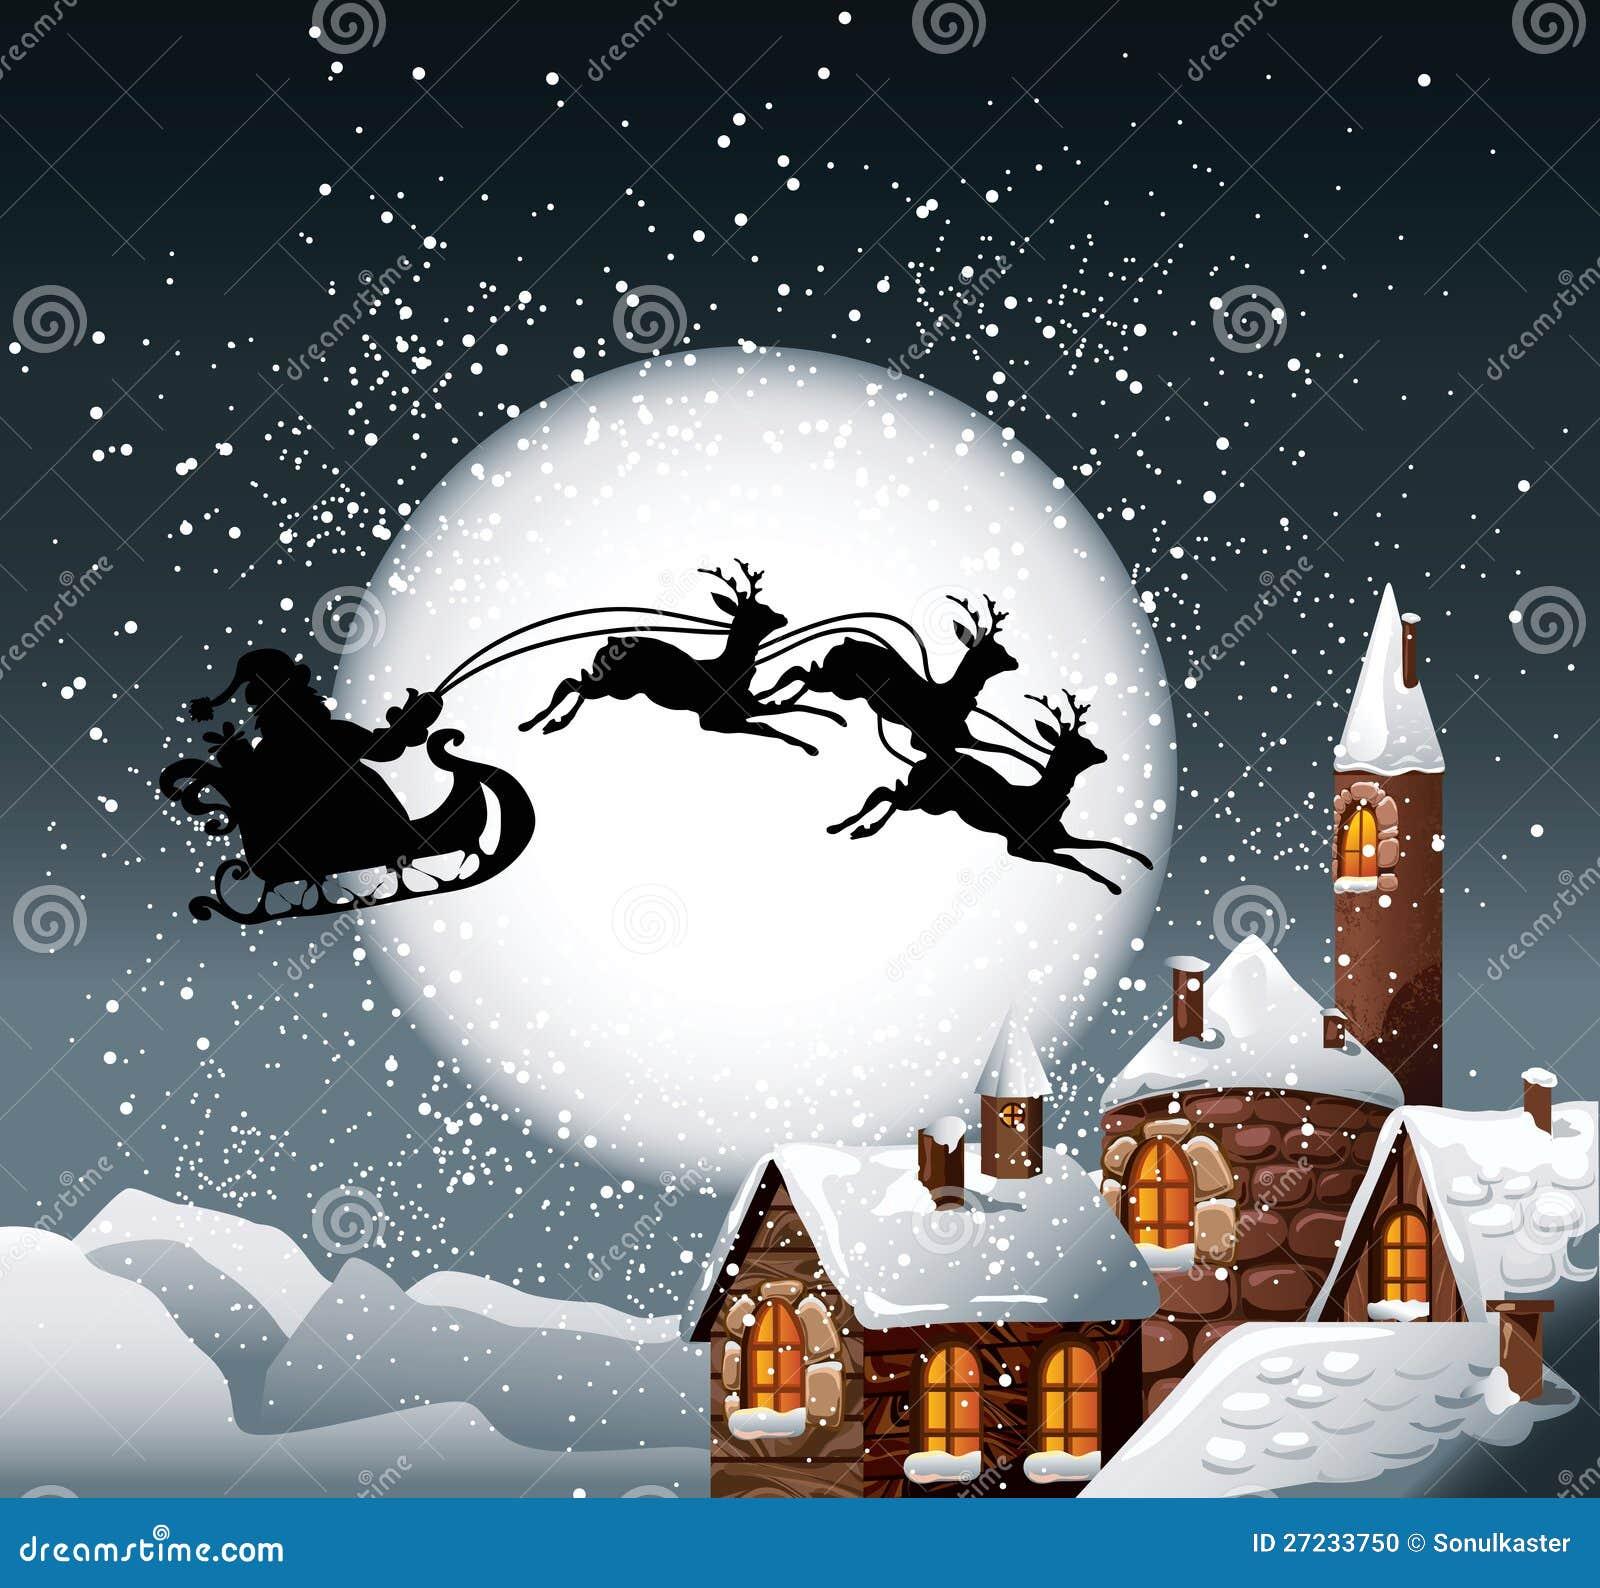 Christmas Illustration Stock Photo - Image: 27233750